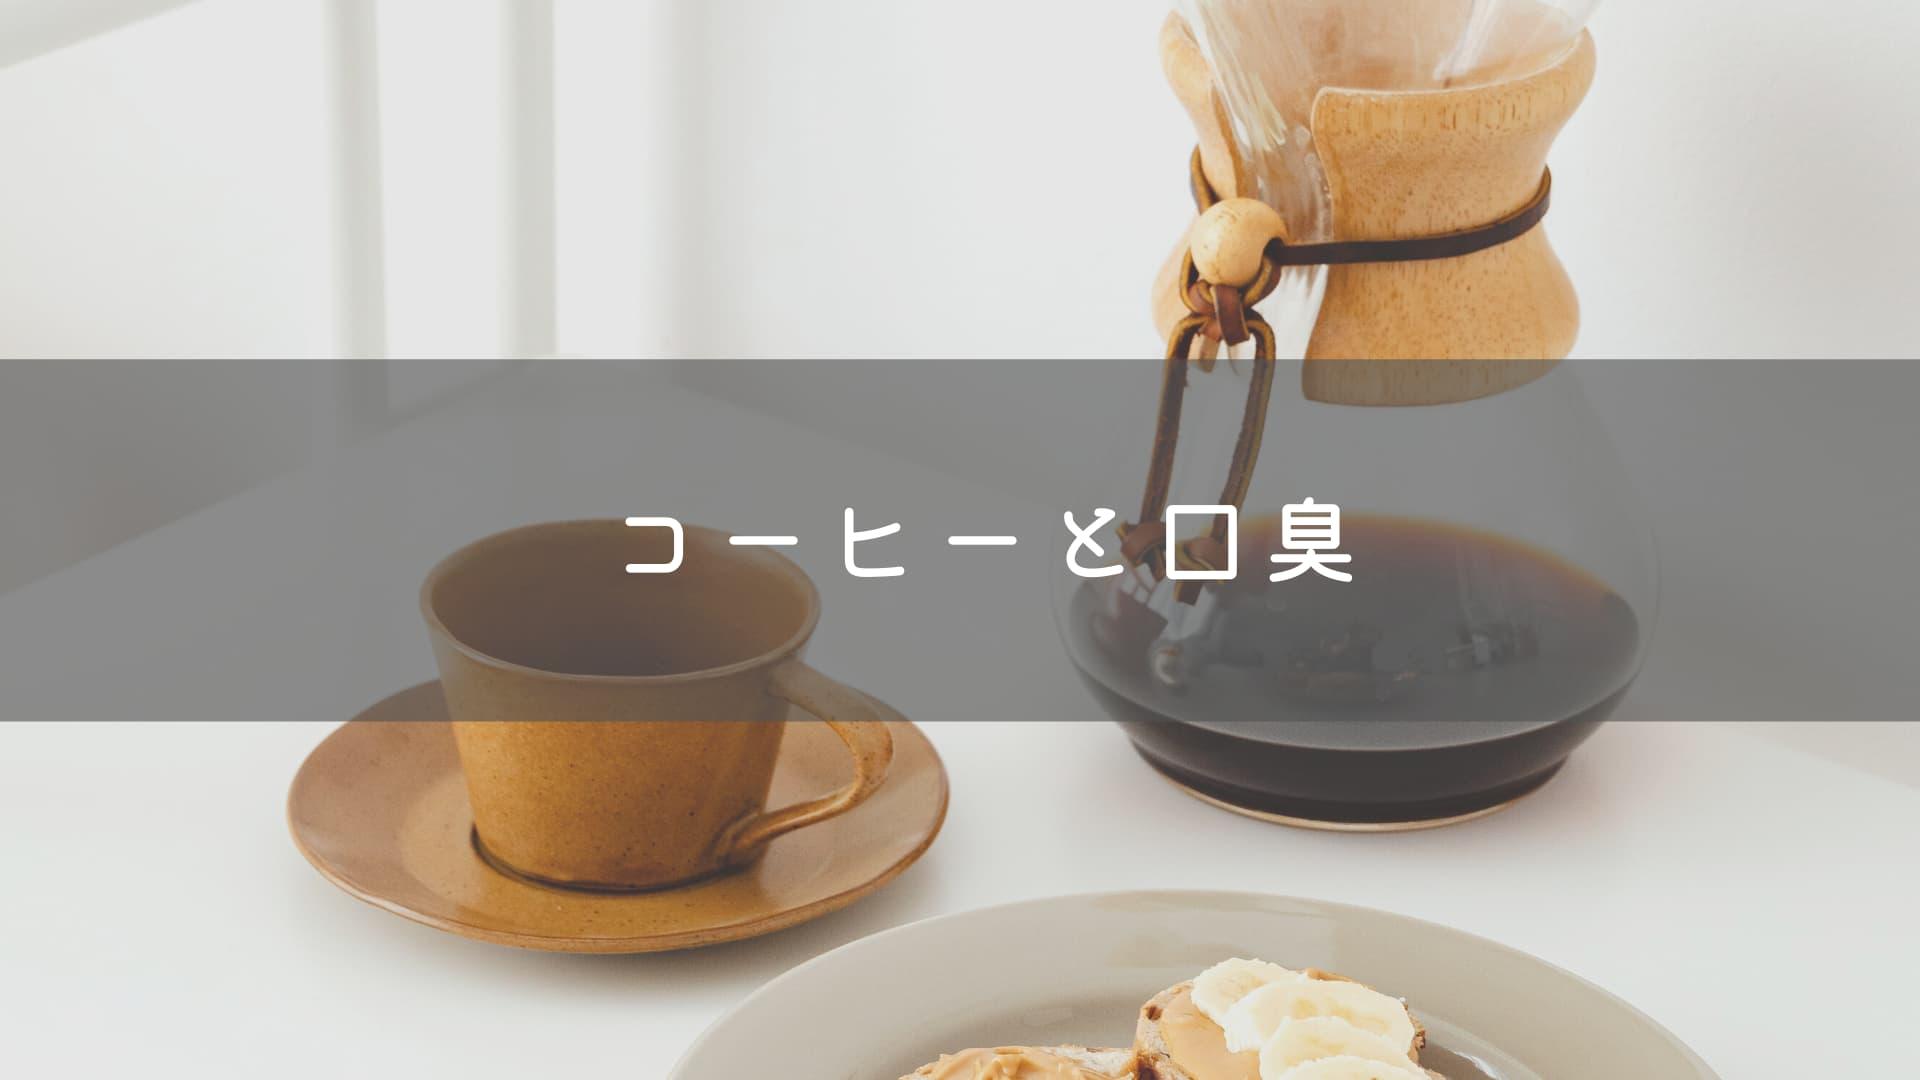 コーヒーと口臭